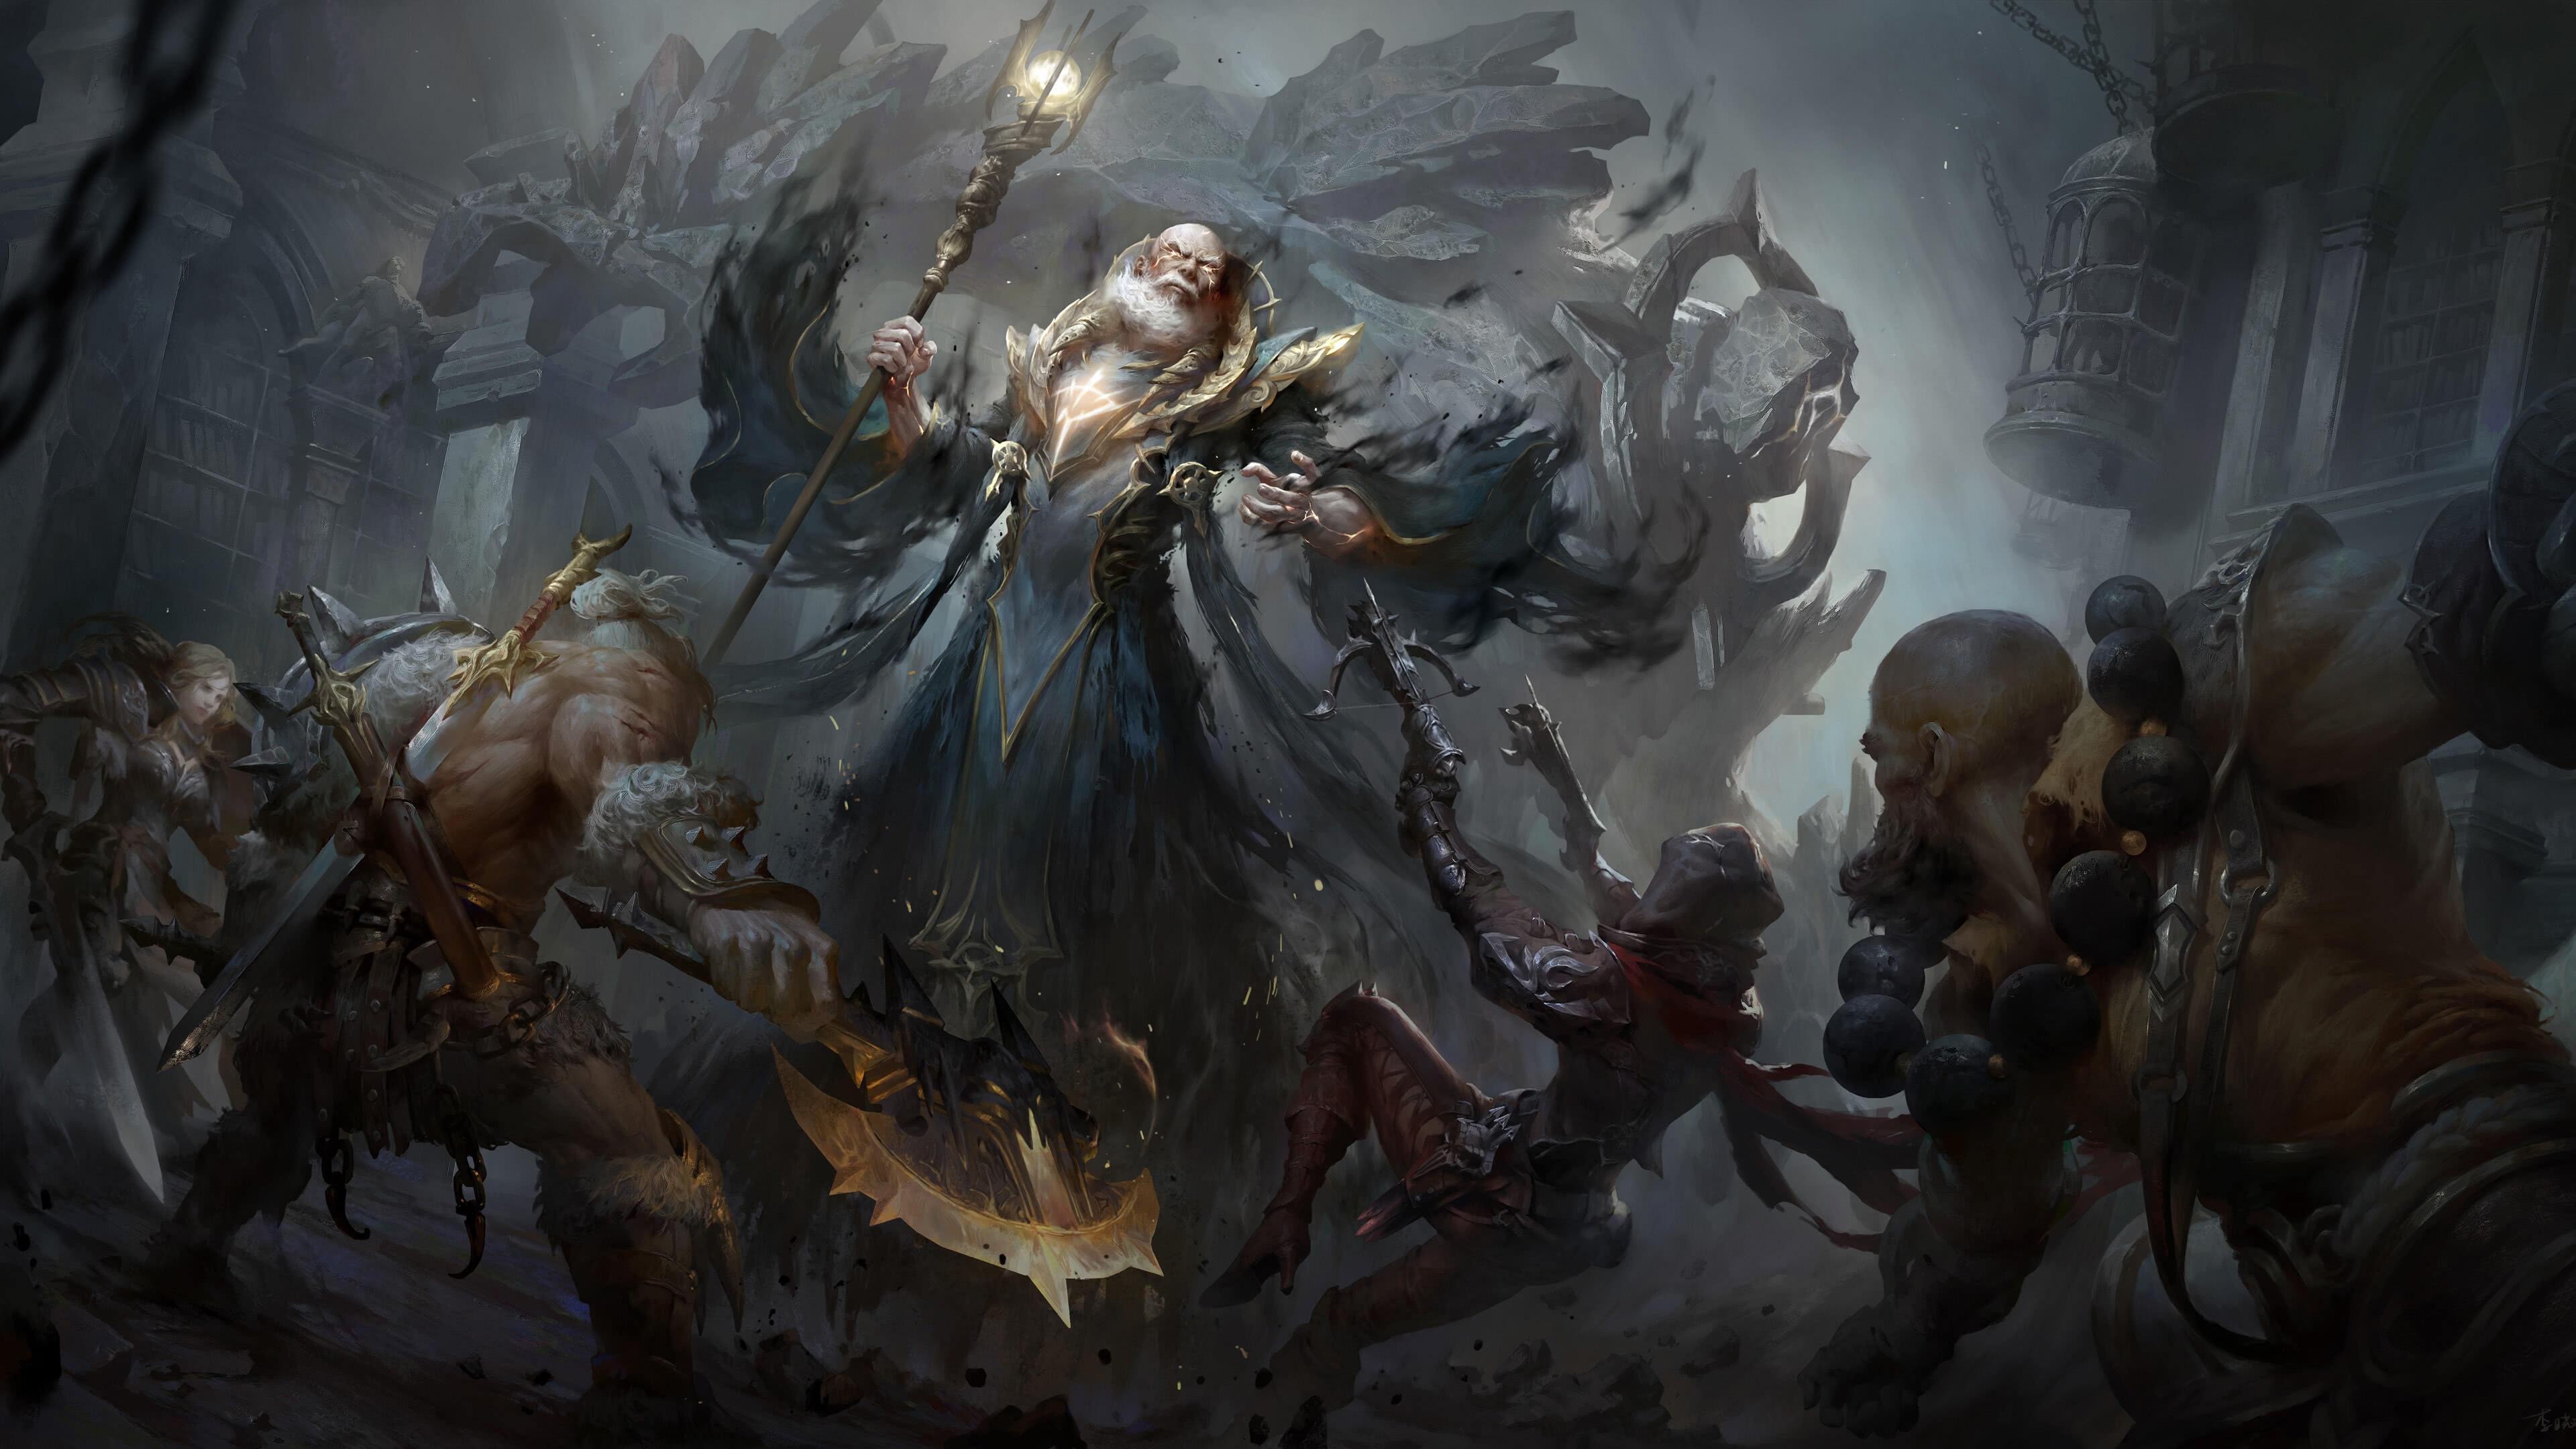 Diablo Immortal Zoltun Kulle UHD 4K Wallpaper | Pixelz